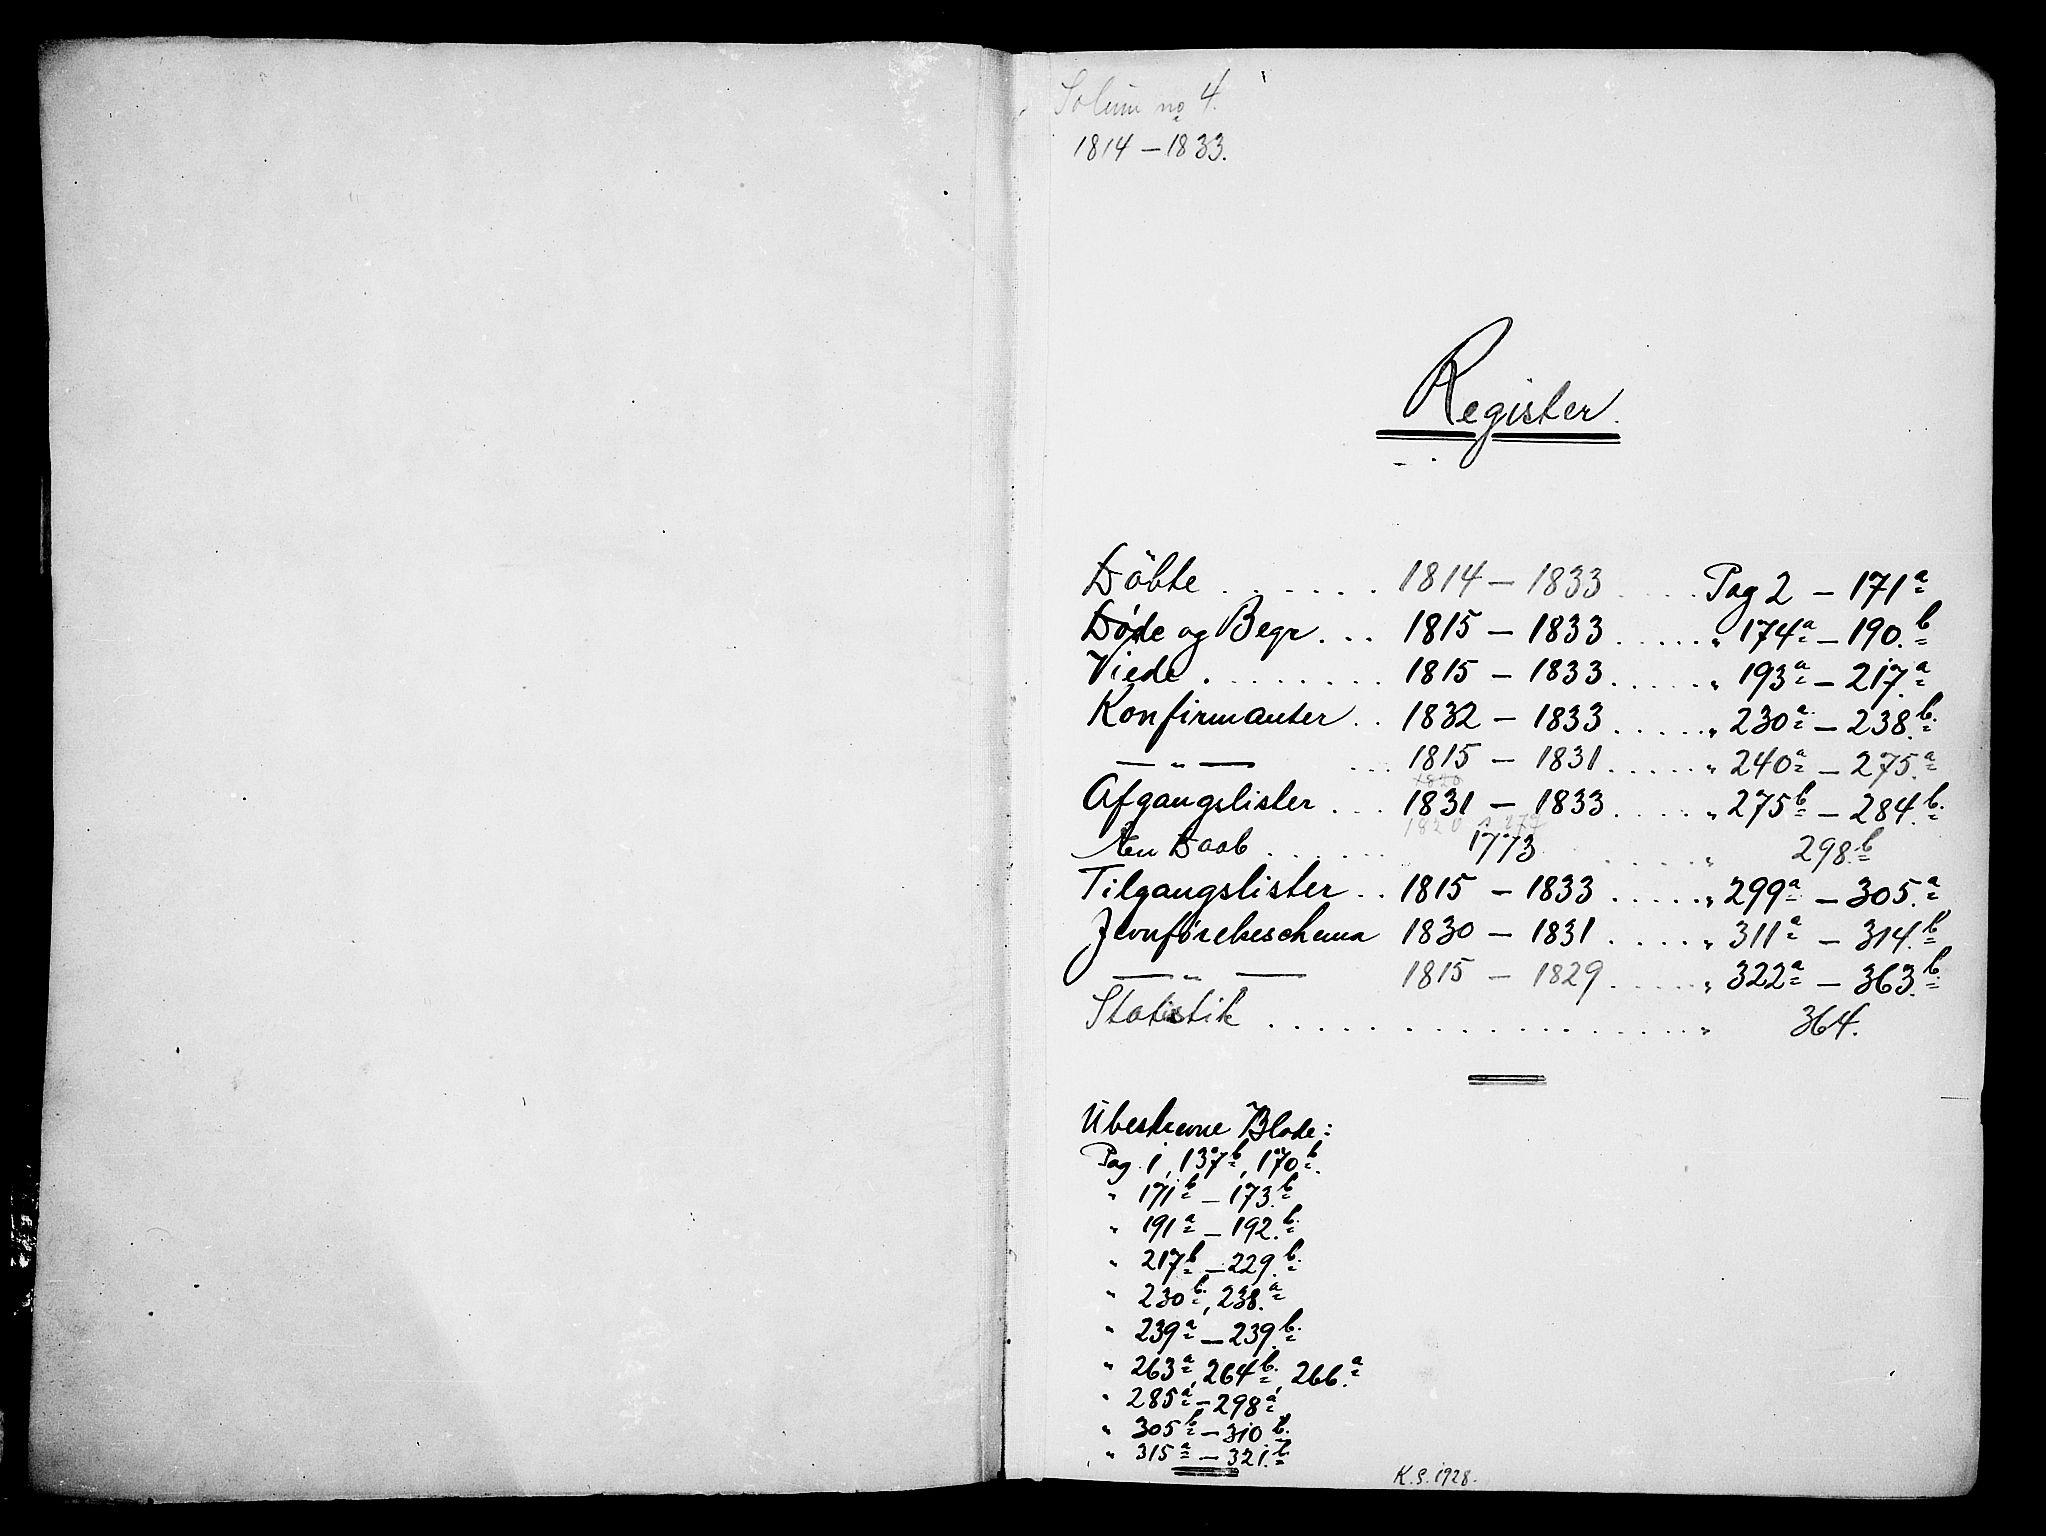 SAKO, Solum kirkebøker, G/Ga/L0001: Klokkerbok nr. I 1, 1814-1833